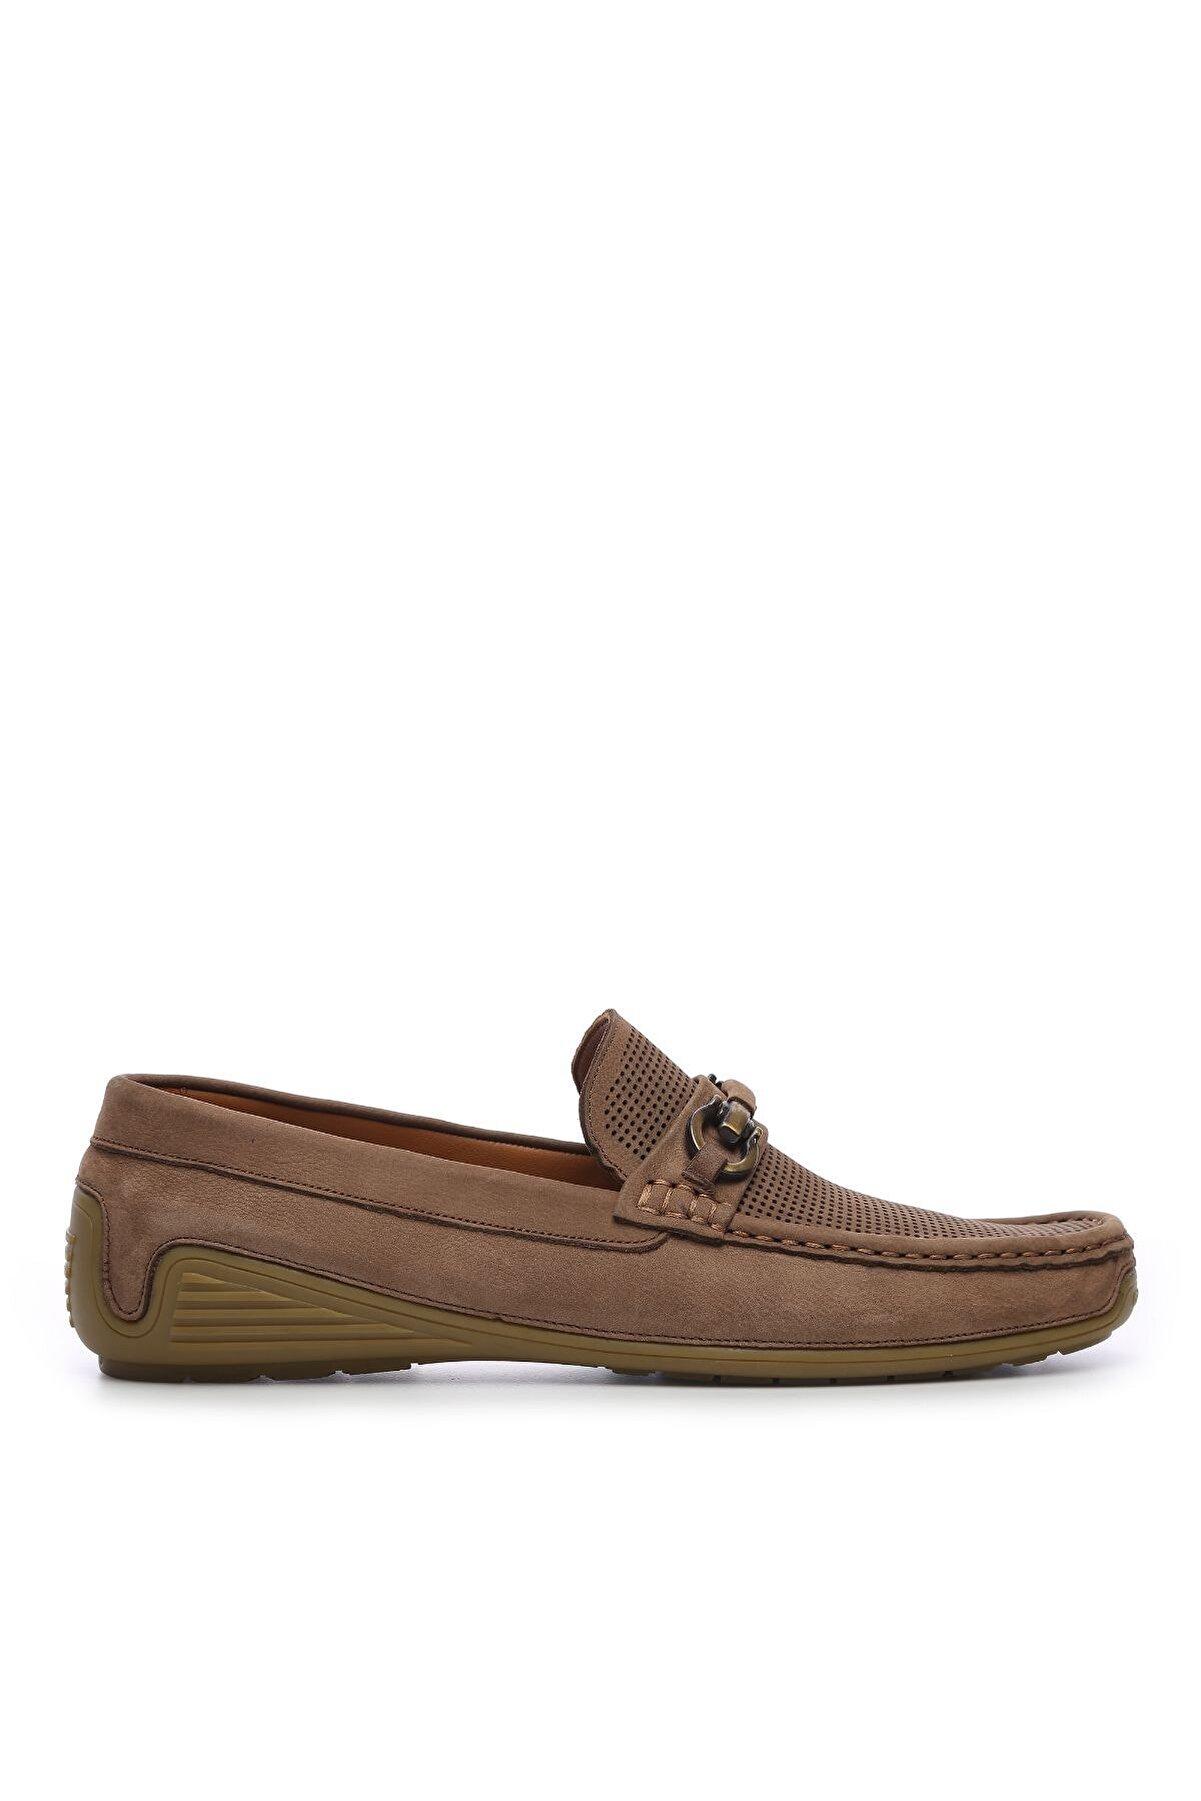 Kemal Tanca Hakiki Deri Bej Erkek Loafer Ayakkabı 374 6047 ERK AYK